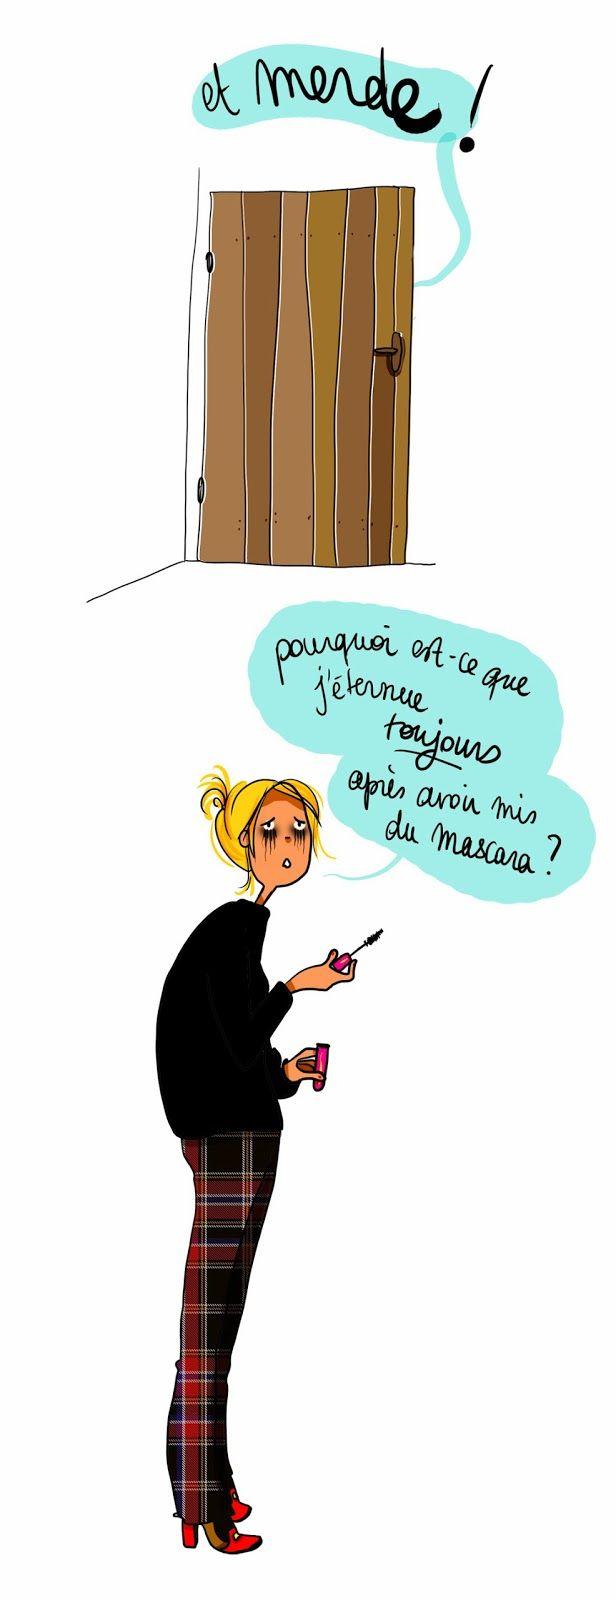 Le Journal d'en Haut de Mademoiselle Caroline